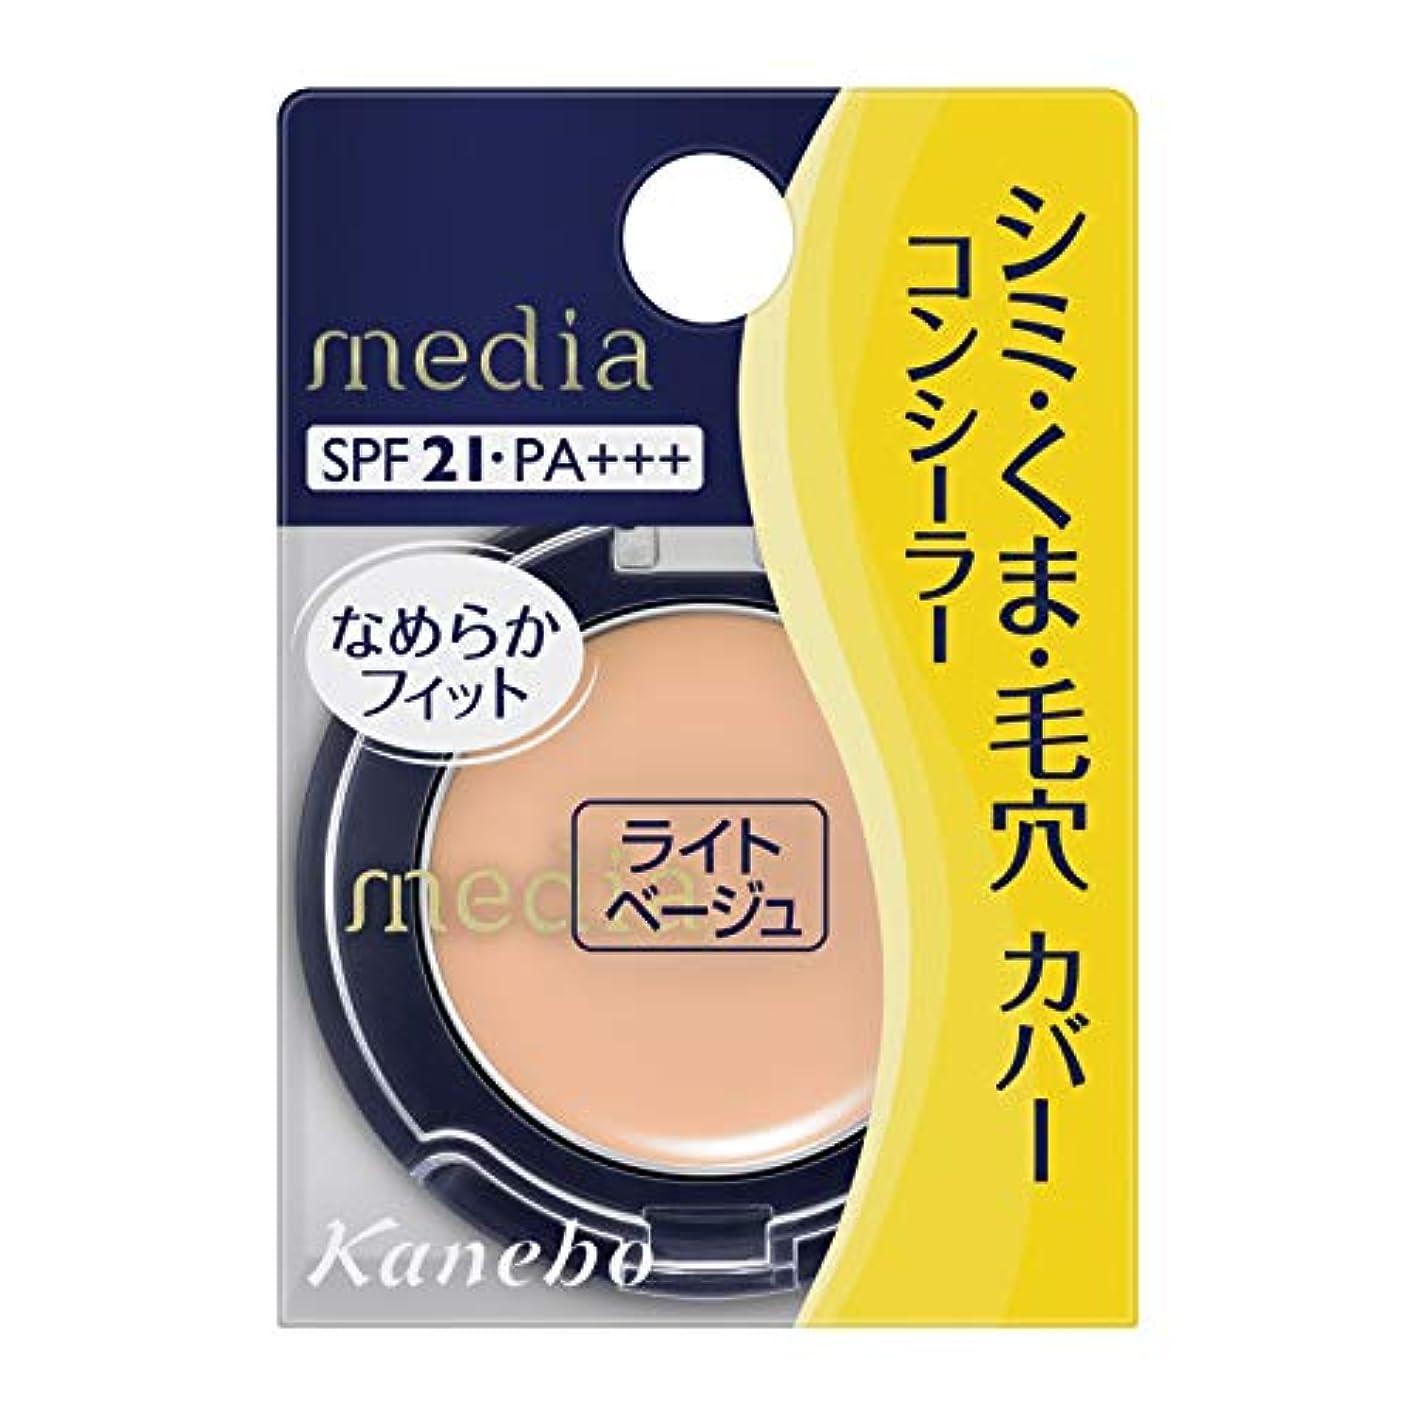 刈り取る利用可能ディレクトリカネボウ化粧品 メディア コンシーラー S ライトベージュ 1.7g